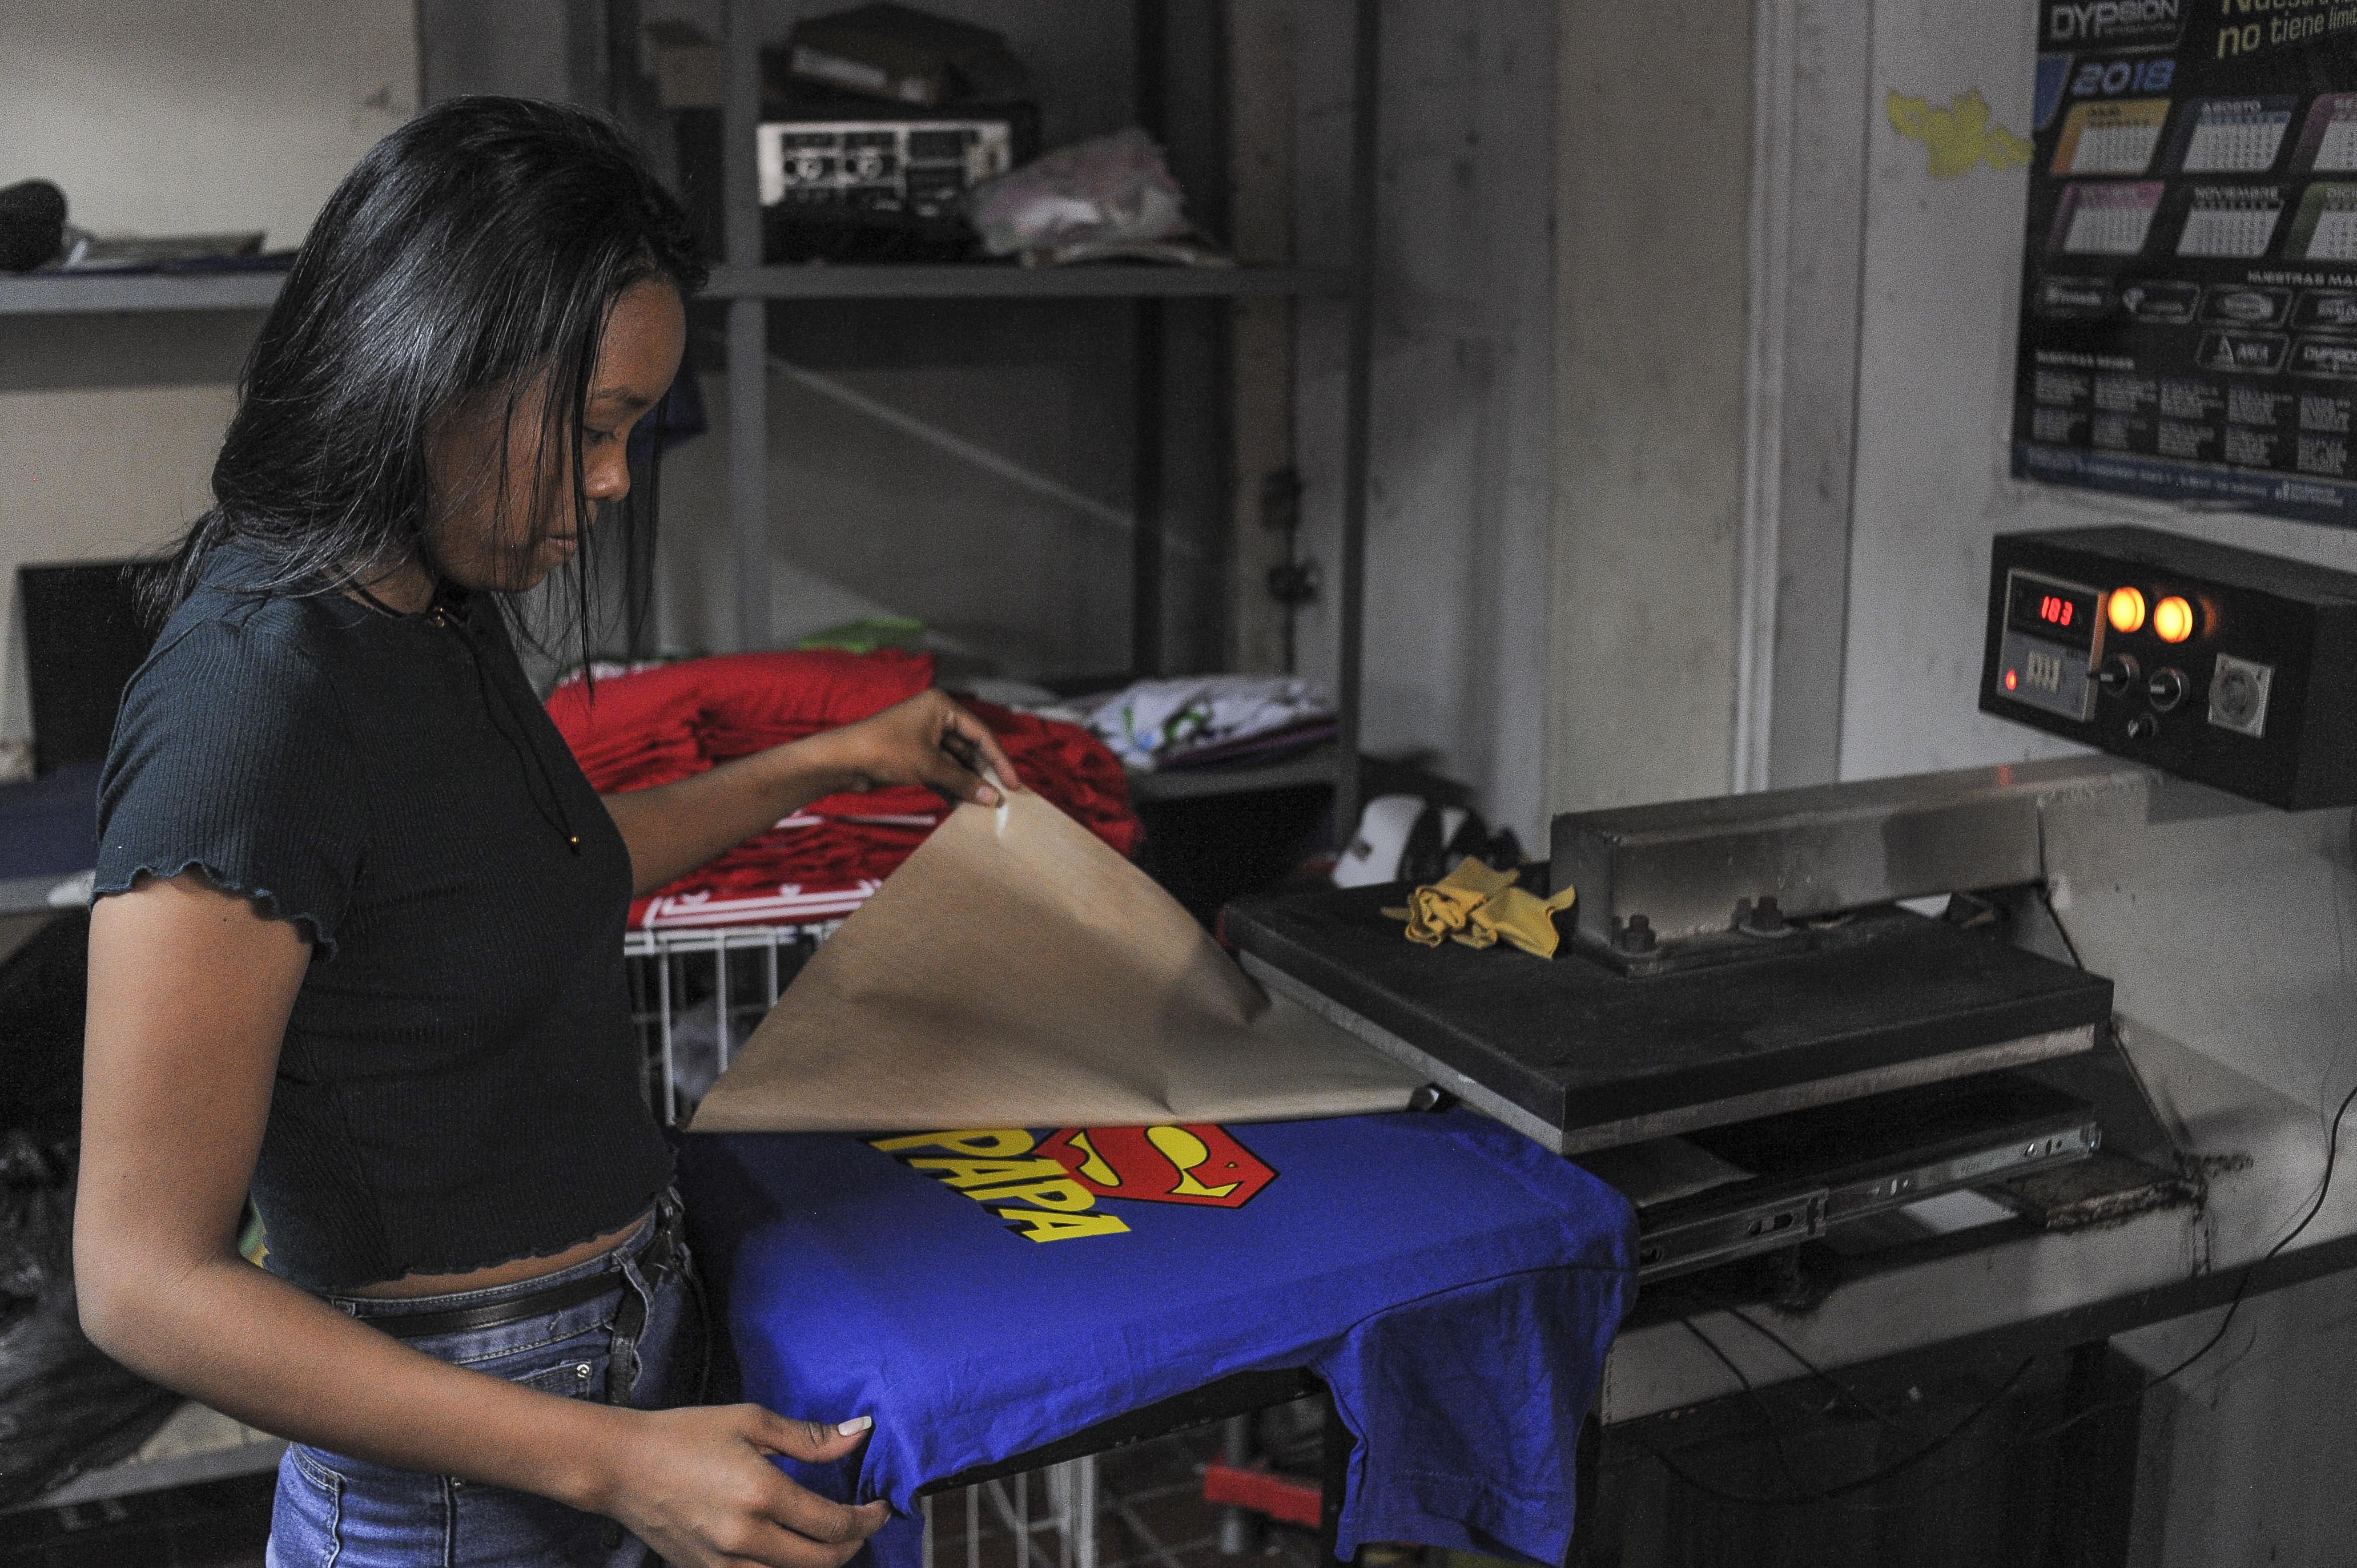 Muchos de los pedidos de camisetas son personalizados y el cliente trae sus propias ideas de estampados.